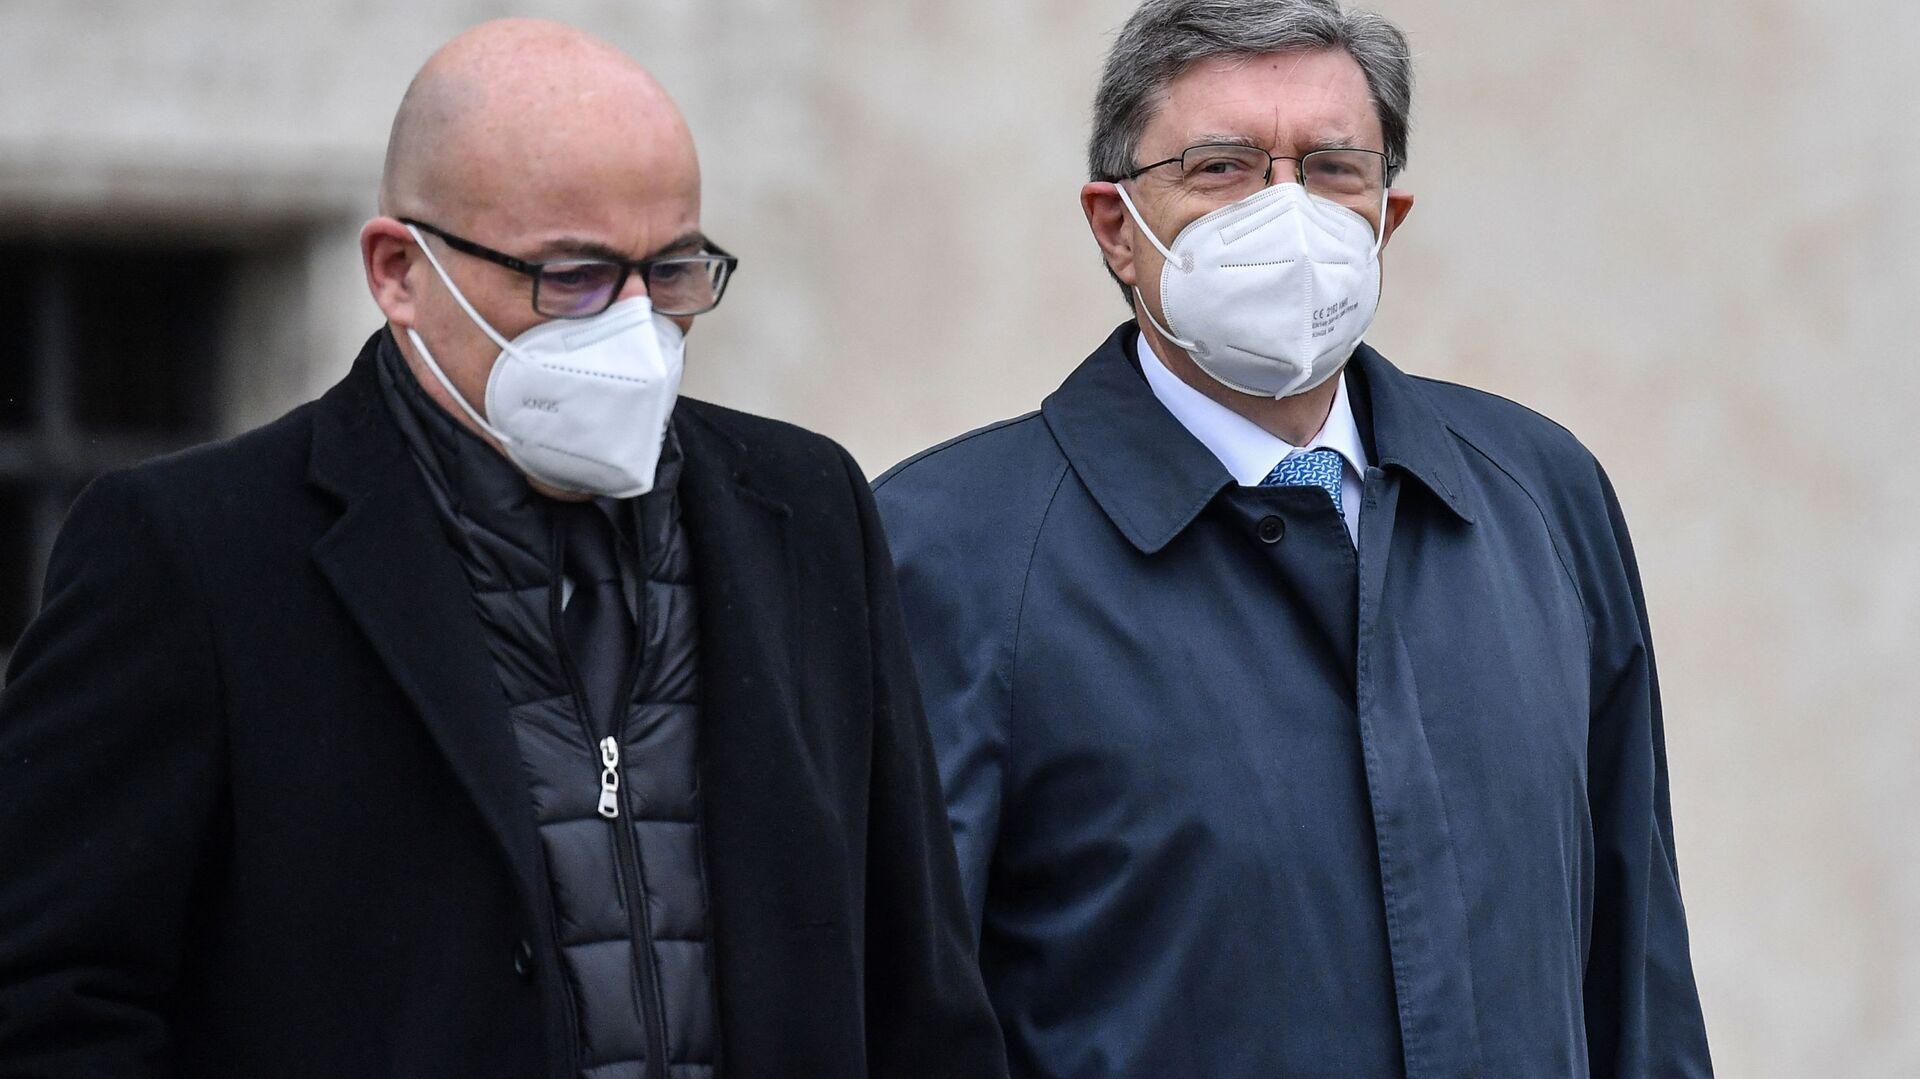 Enrico Giovannini, Ministro Infrastrutture e Trasporti (a destra) e Roberto Cingolani, Ministro per la Transizione ecologica (a sinistra) - Sputnik Italia, 1920, 01.07.2021